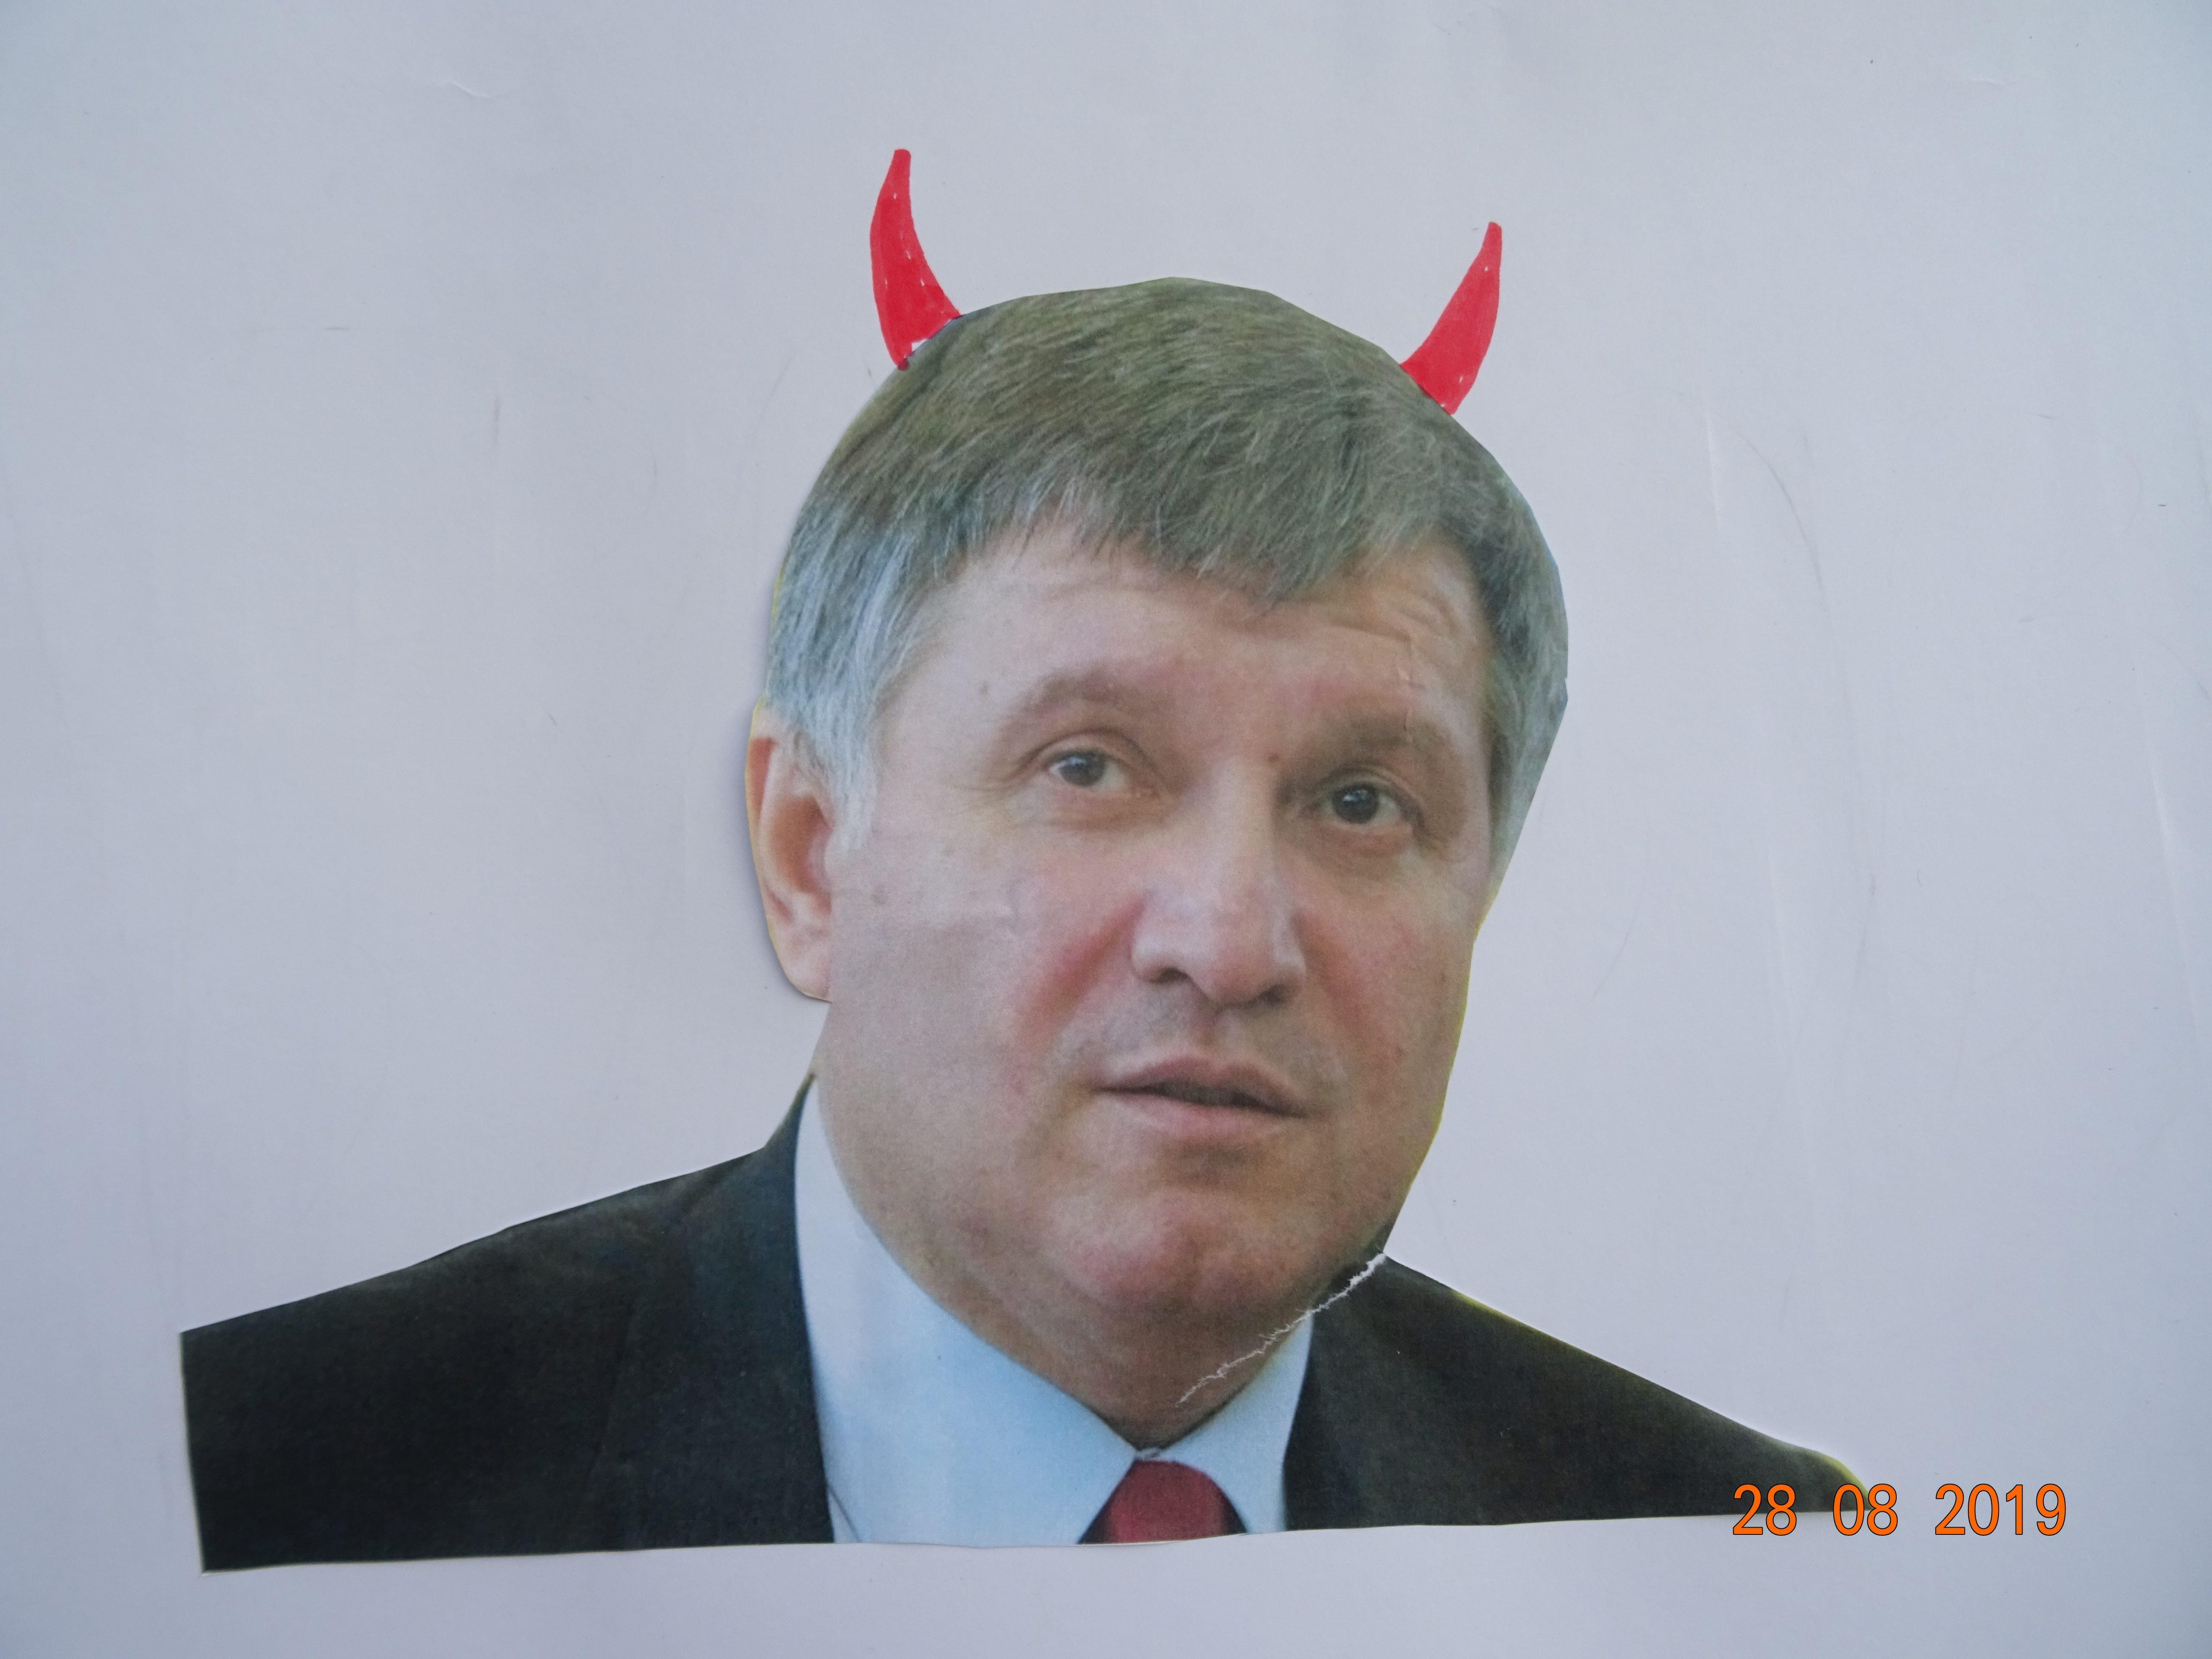 Avakov-Chort-Devil - Avakov-Chort-Devil-image012.jpg